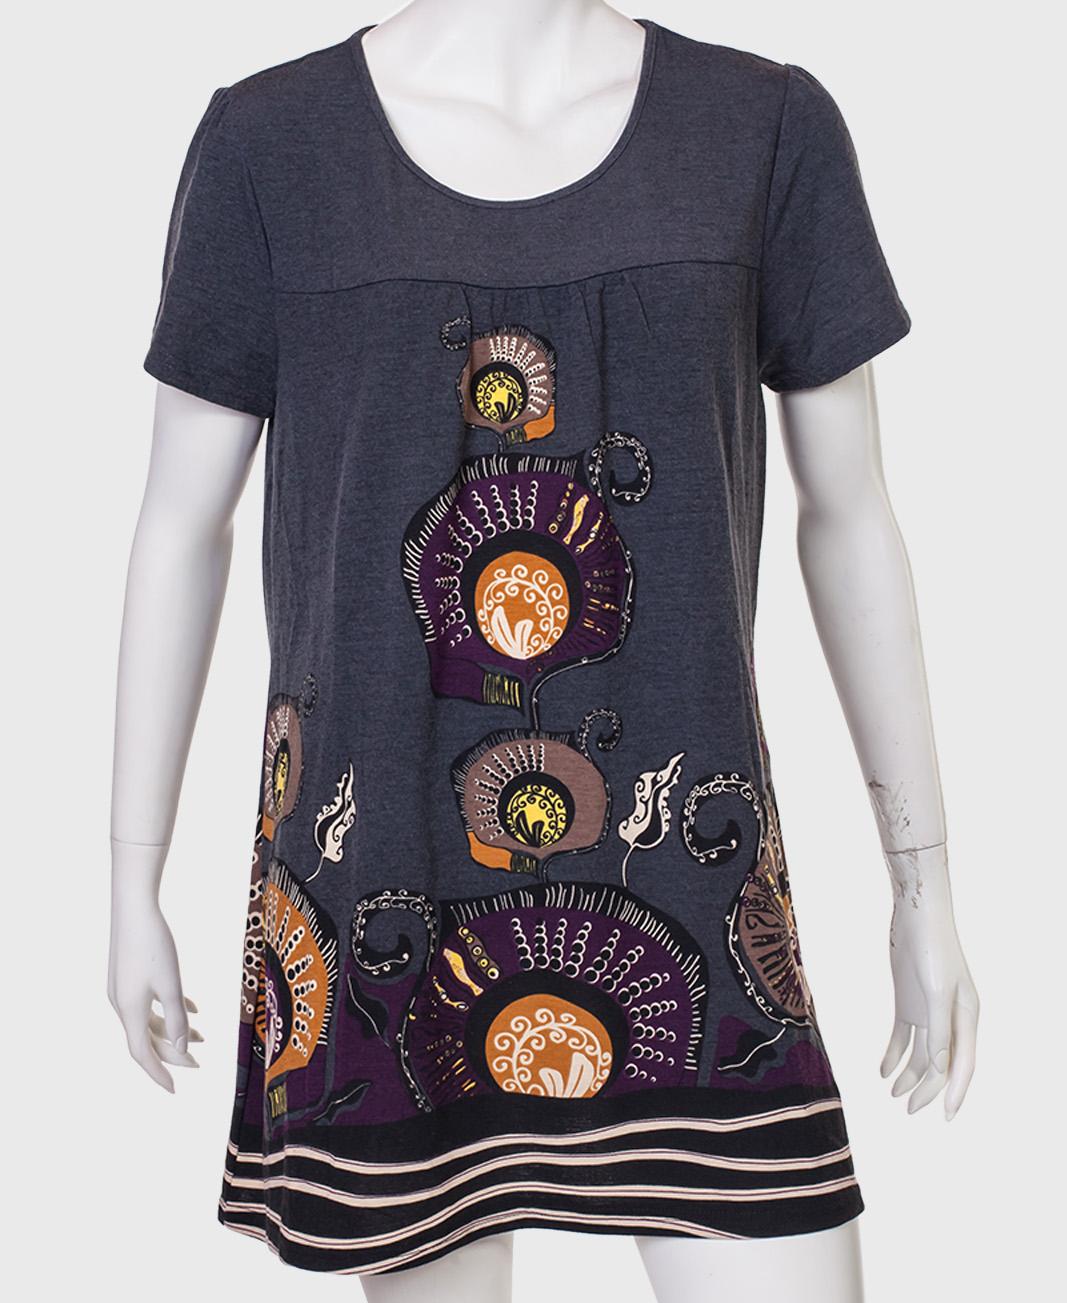 Купить модную тунику свободного кроя от DPM by Depech Mod